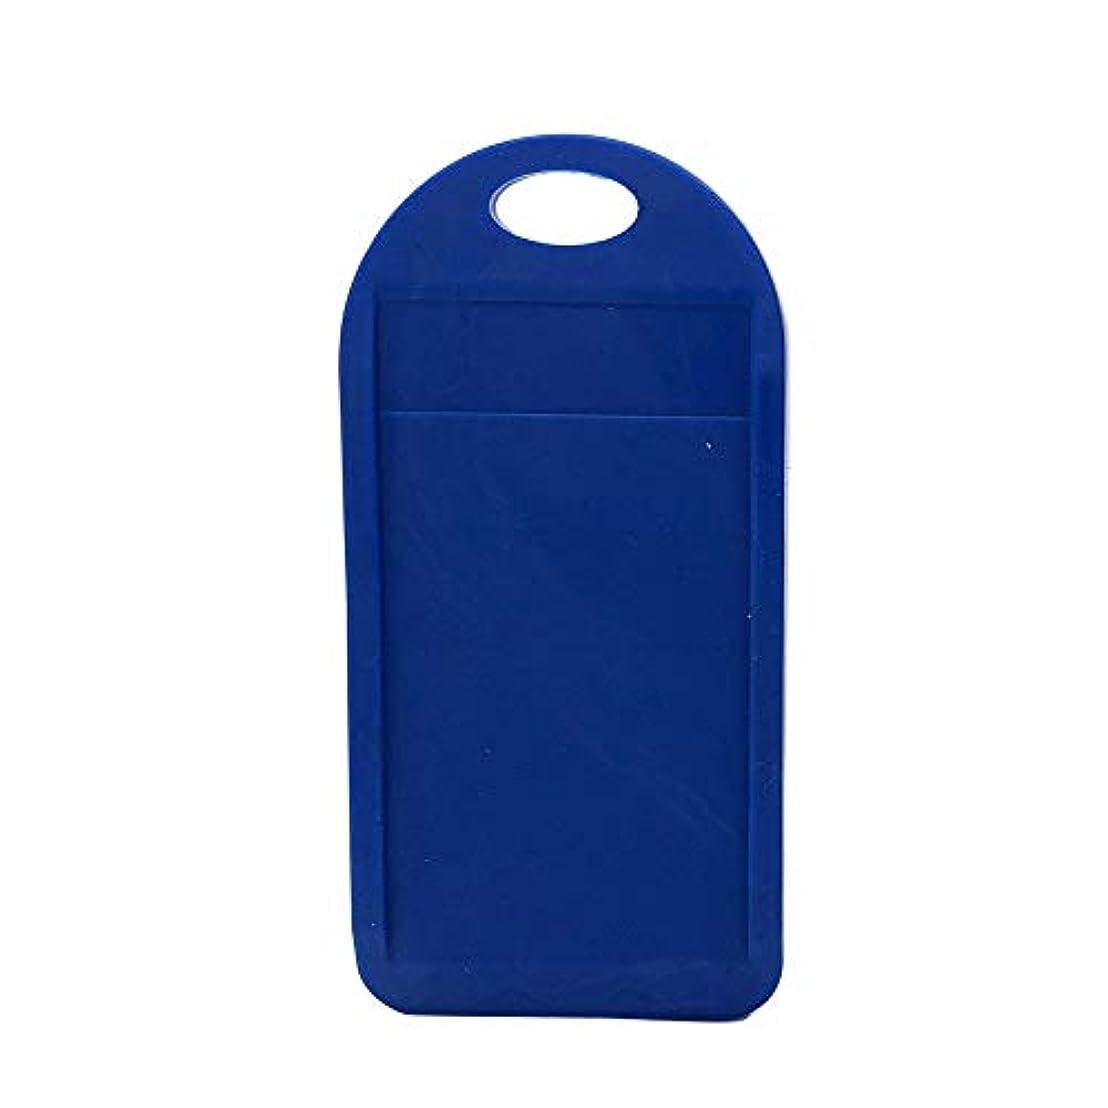 変換する補体提供男性用ブラック/ブルーのカートリッジブレードと鈍い使い捨てシェービングカミソリを削るかみそり刃削りツールキット(青)